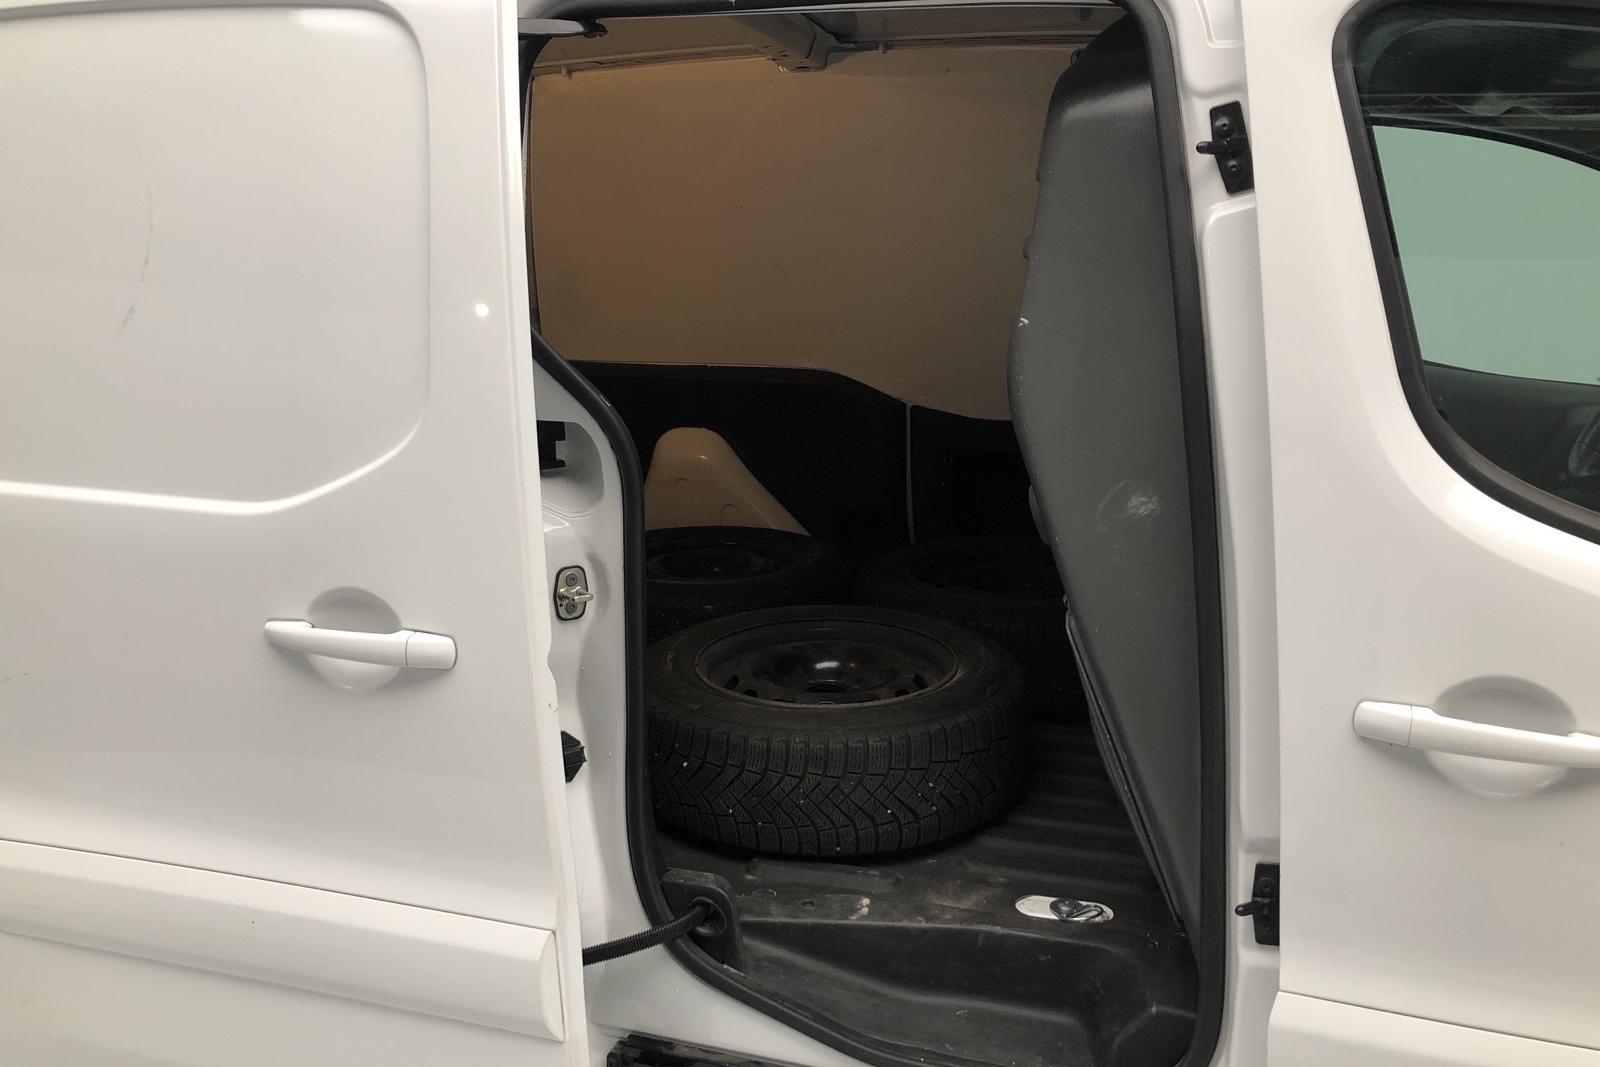 Peugeot Partner 1.6 BlueHDI Skåp (100hk) - 0 km - Automatic - white - 2016